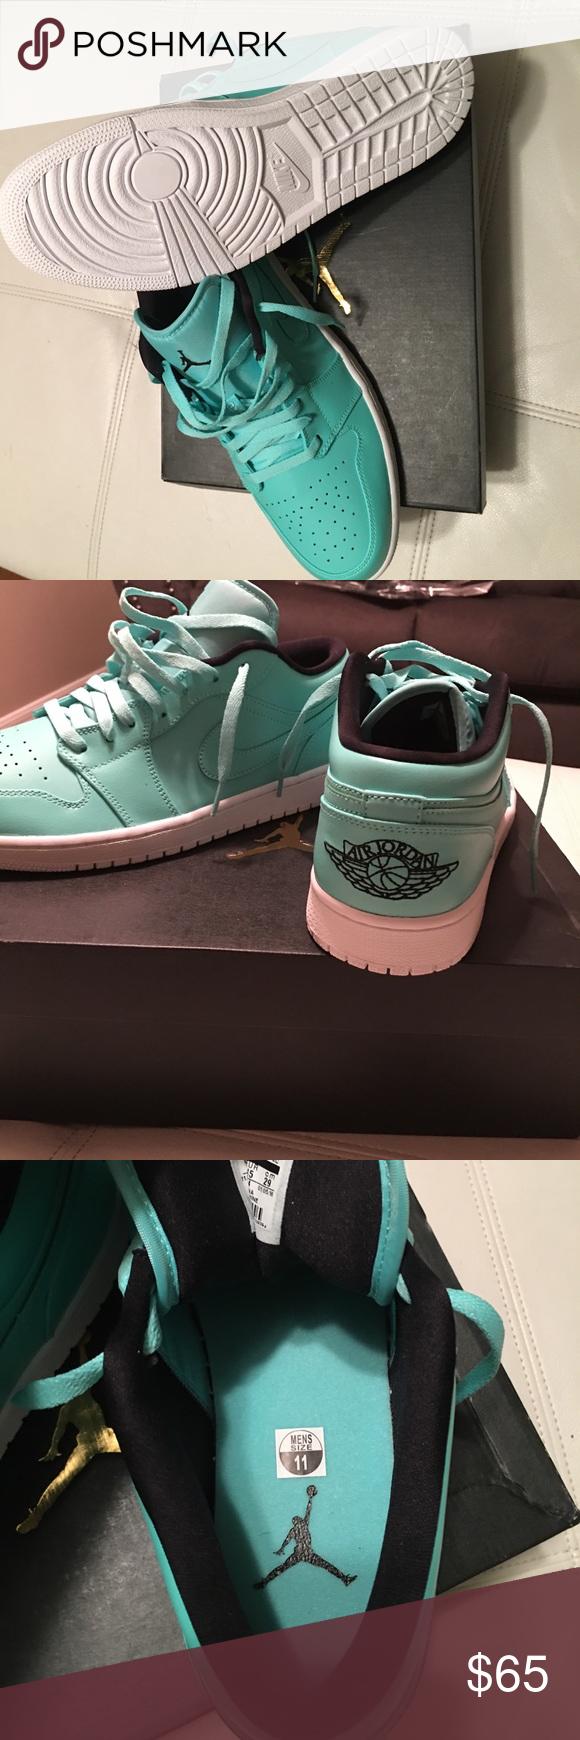 8725f4a89c96 Nike Air Jordan 1 Low NEW! Never worn Nike Air Jordan s . Hyper Turquoise